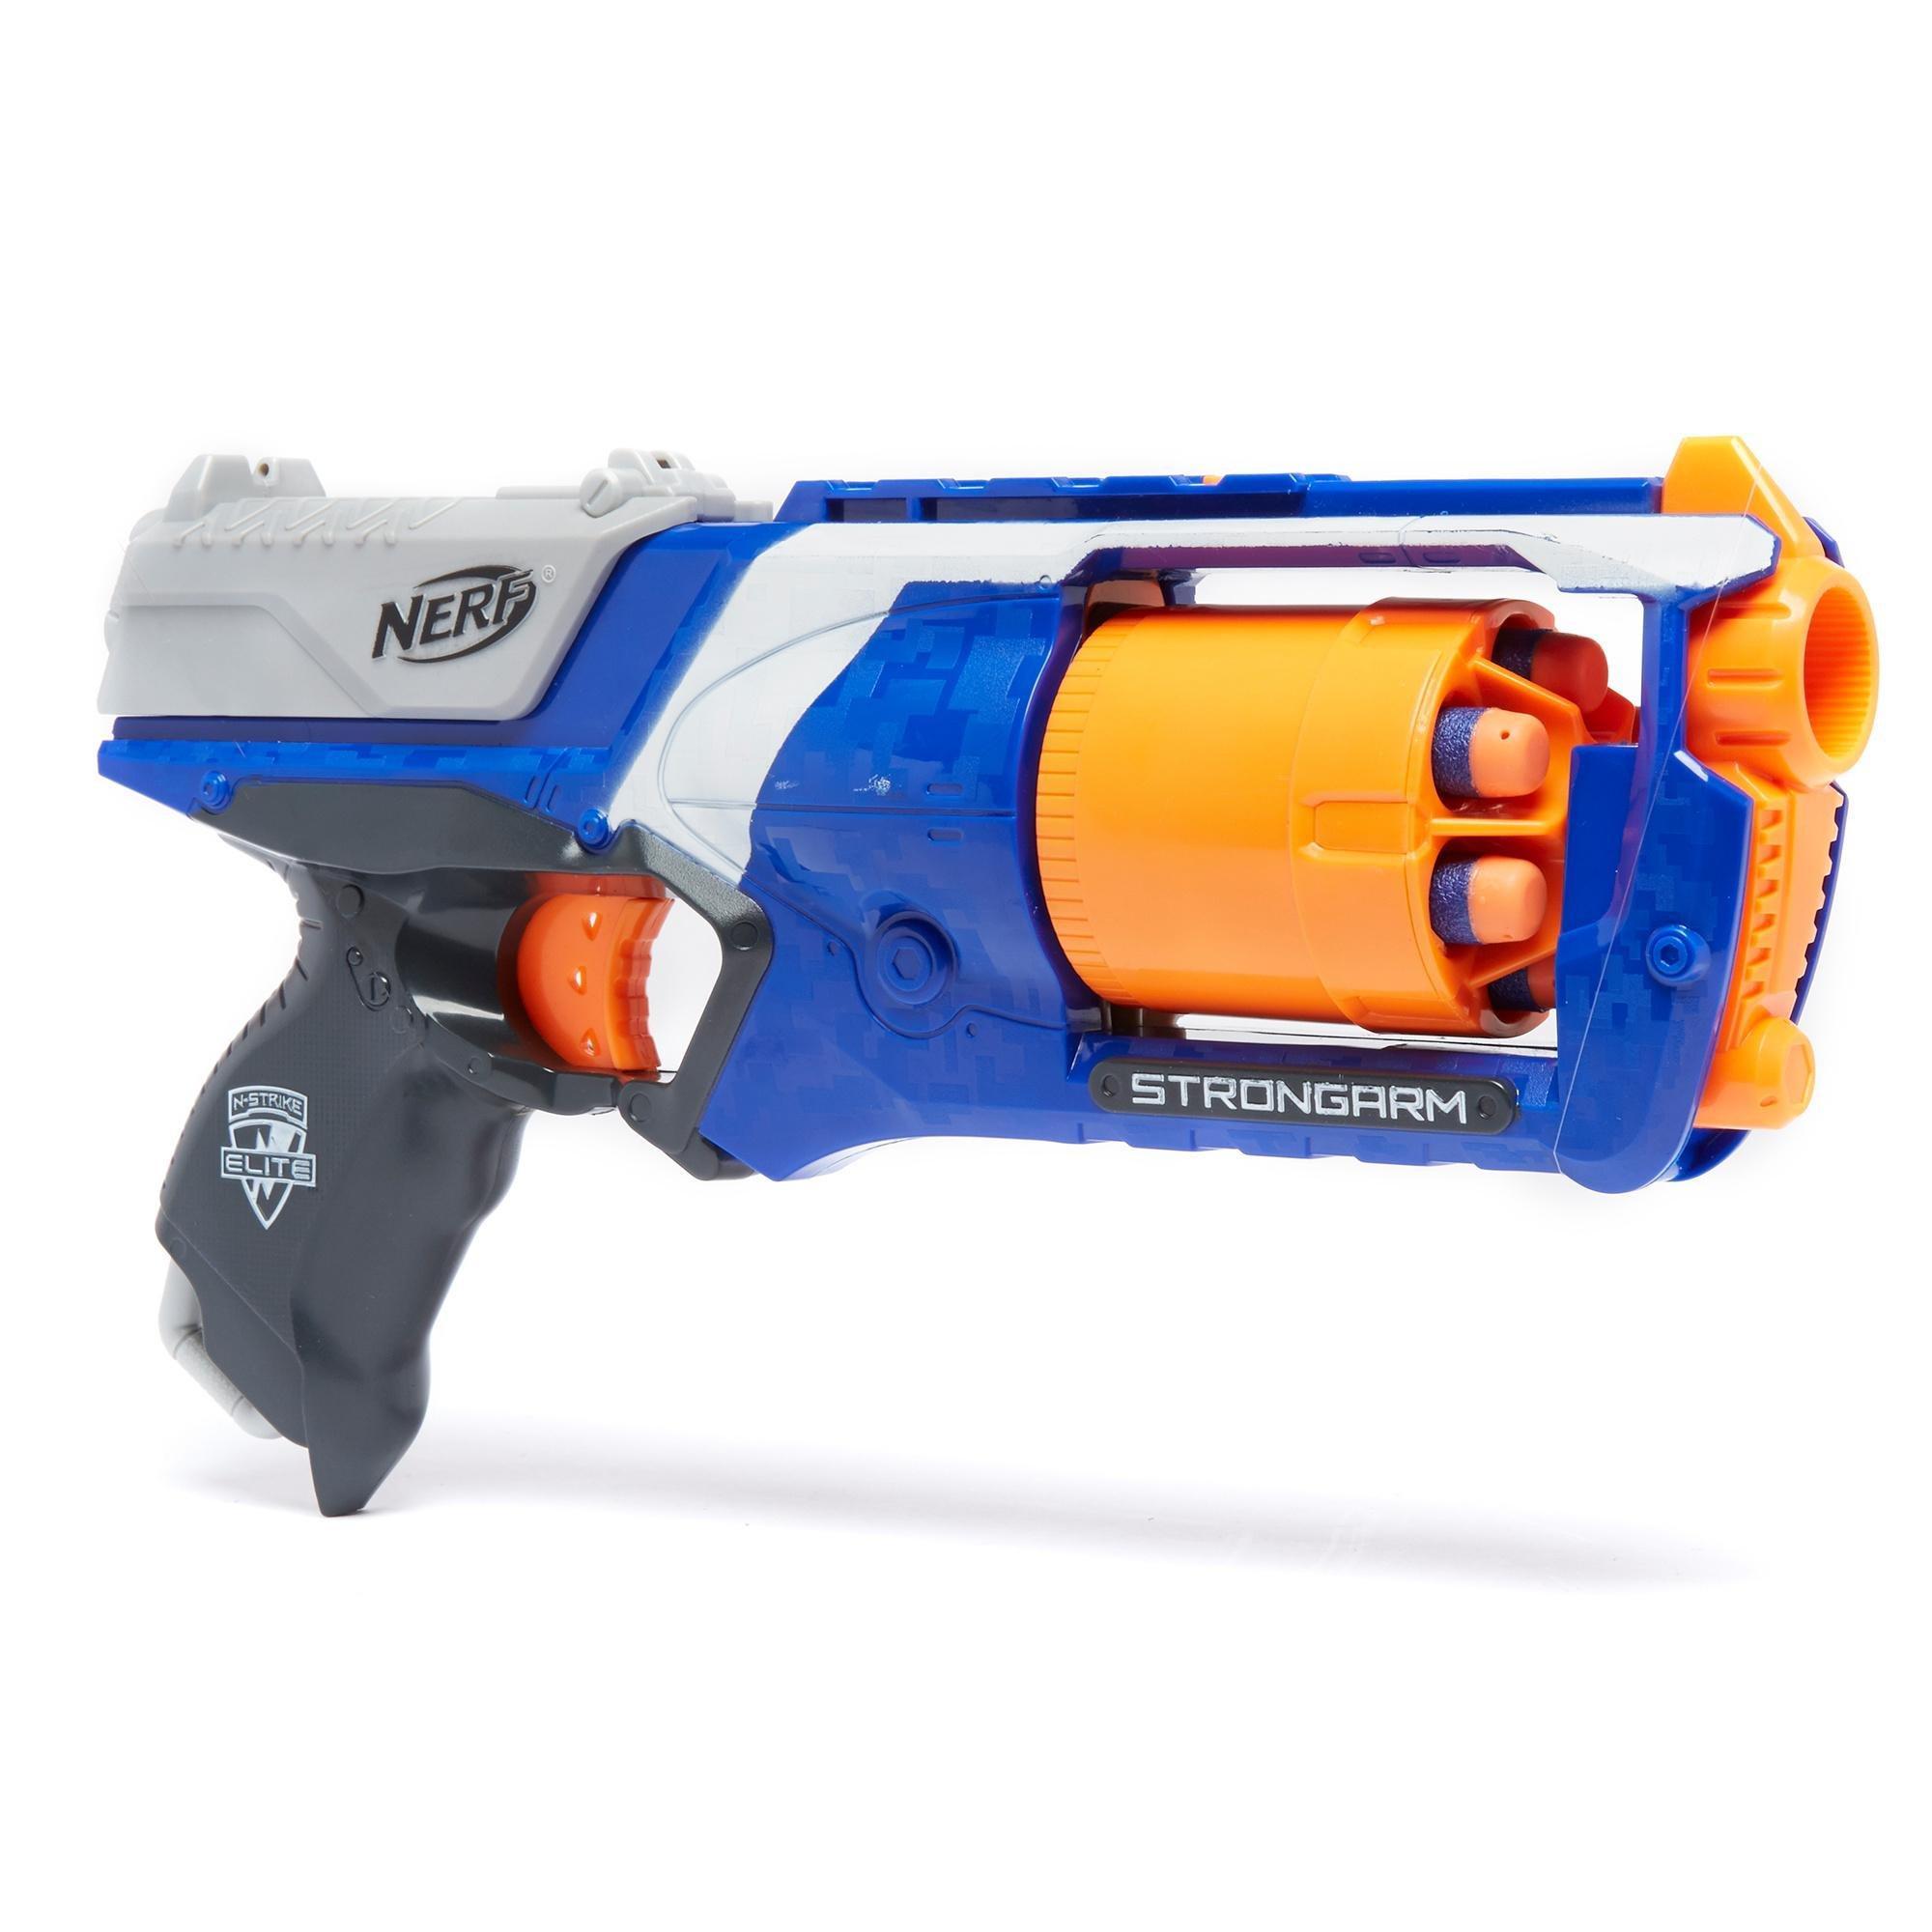 Nerf NStrike Elite Strongarm Blaster Blue